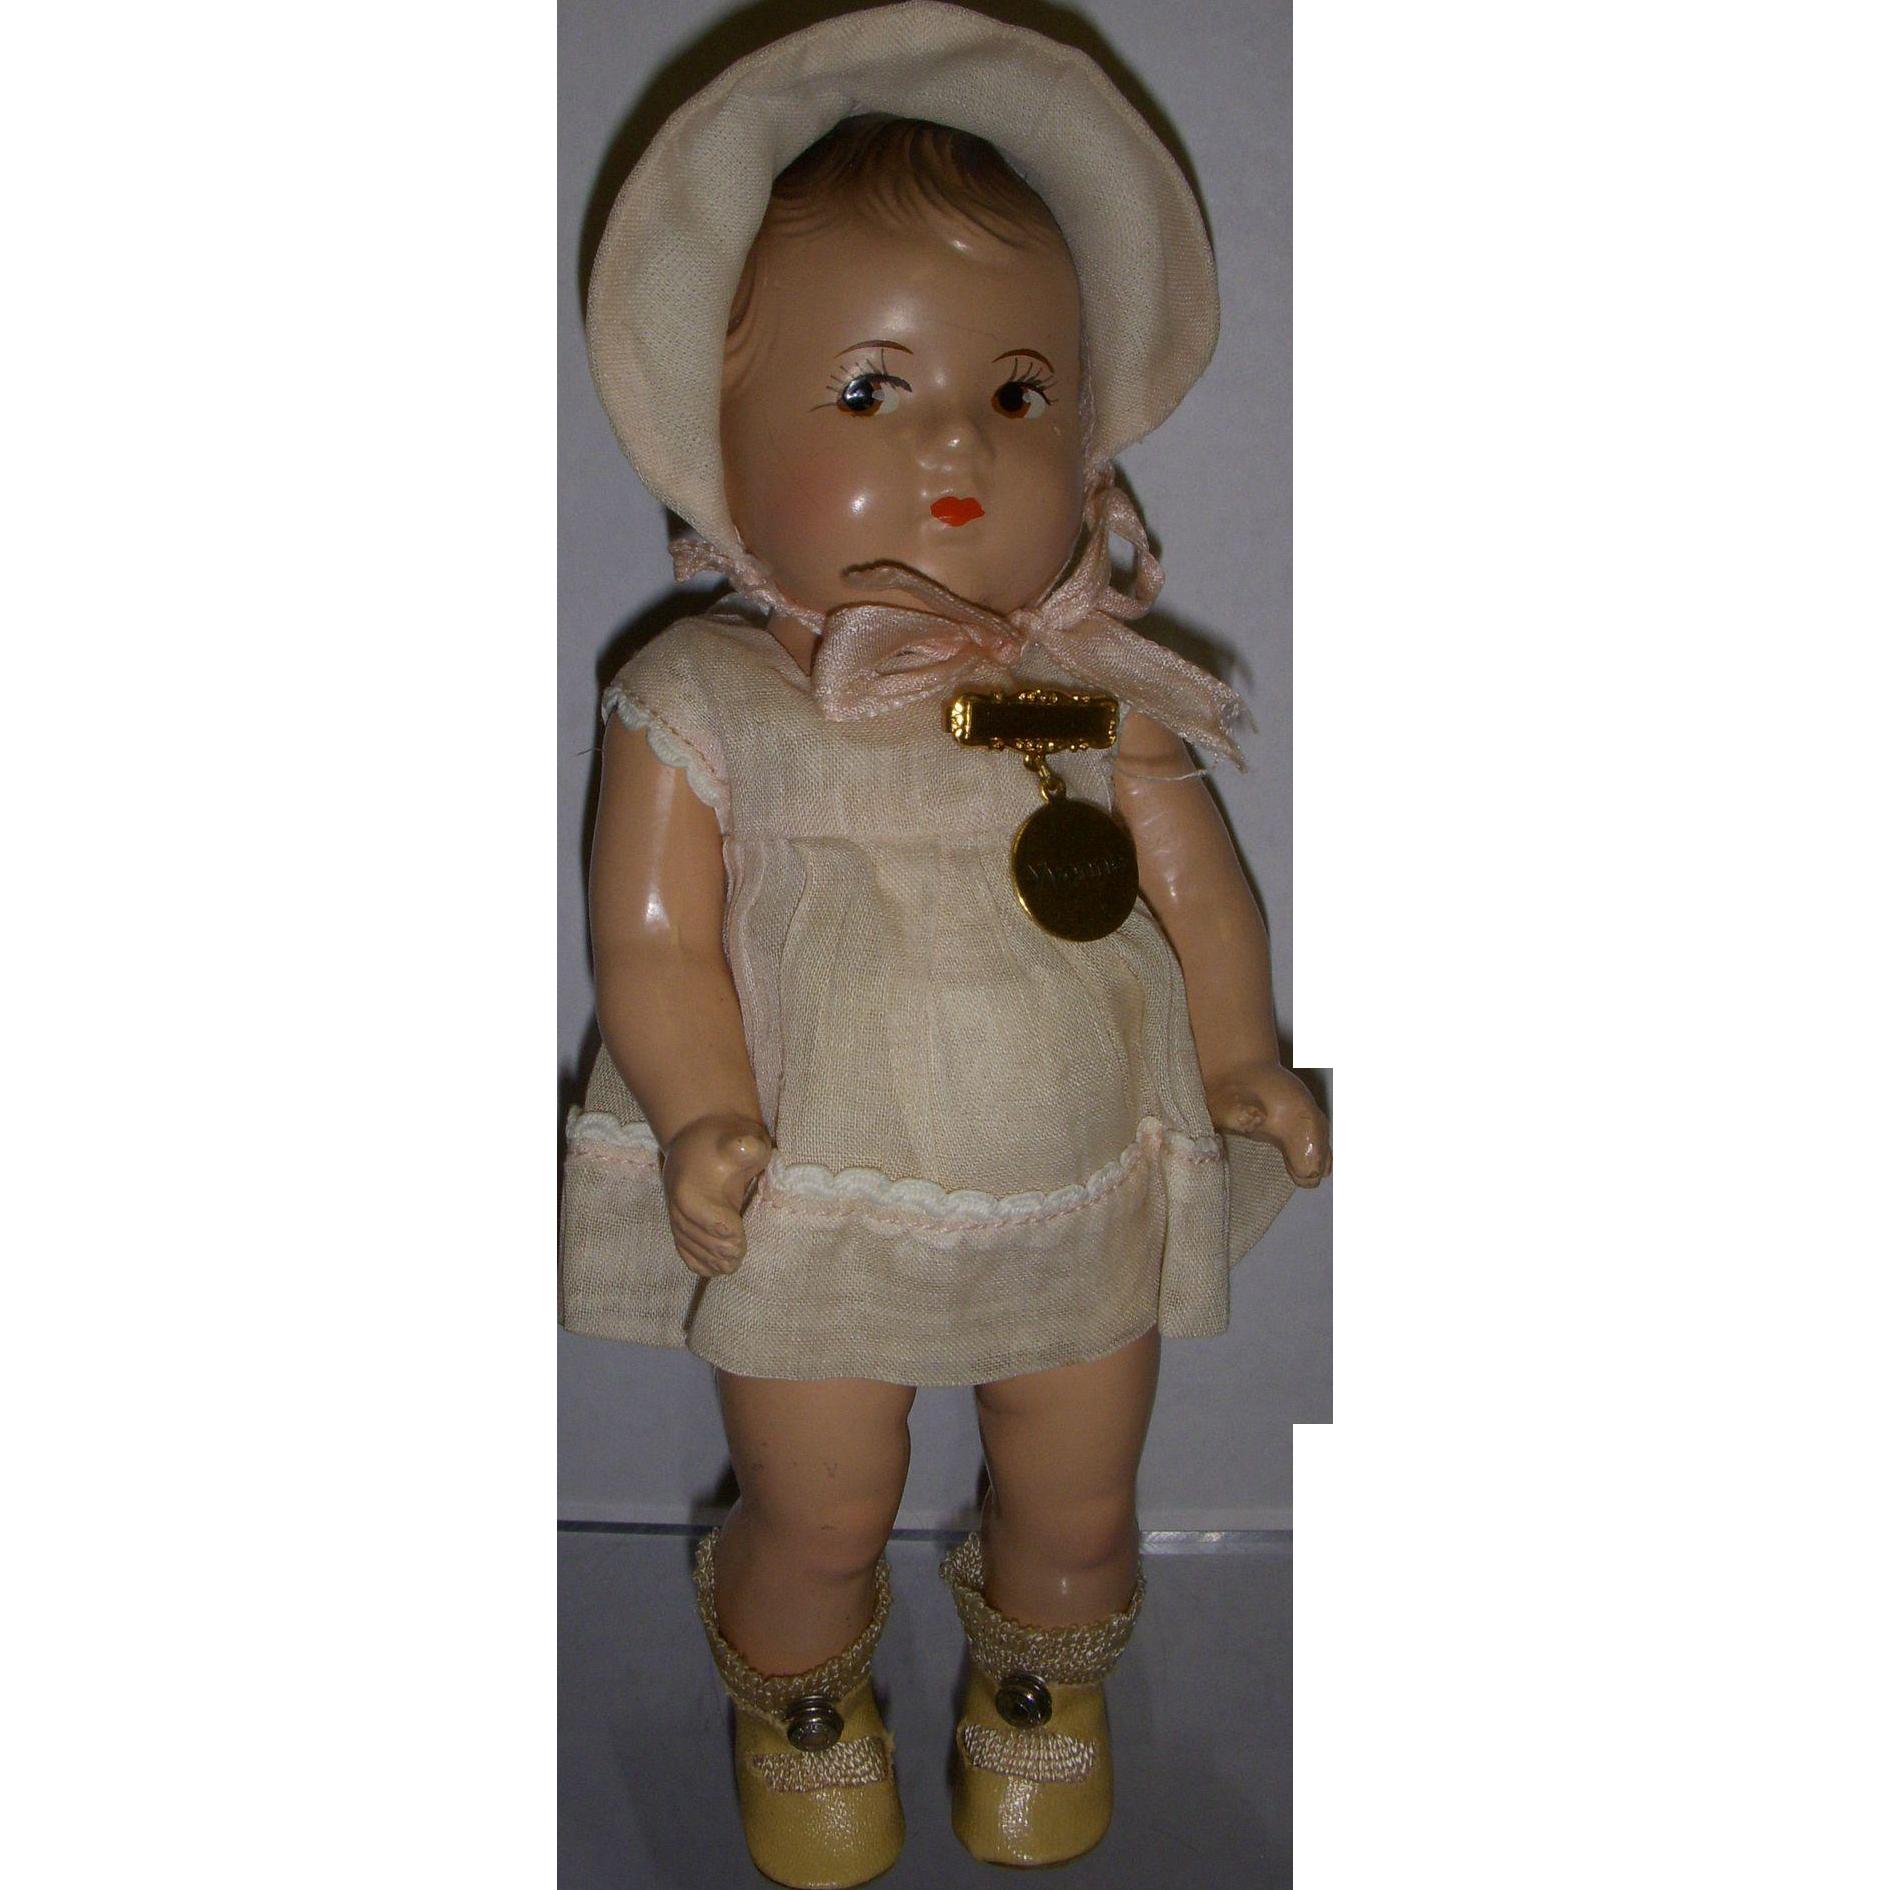 Vintage 1930s Alexander Dionne Toddler All Original